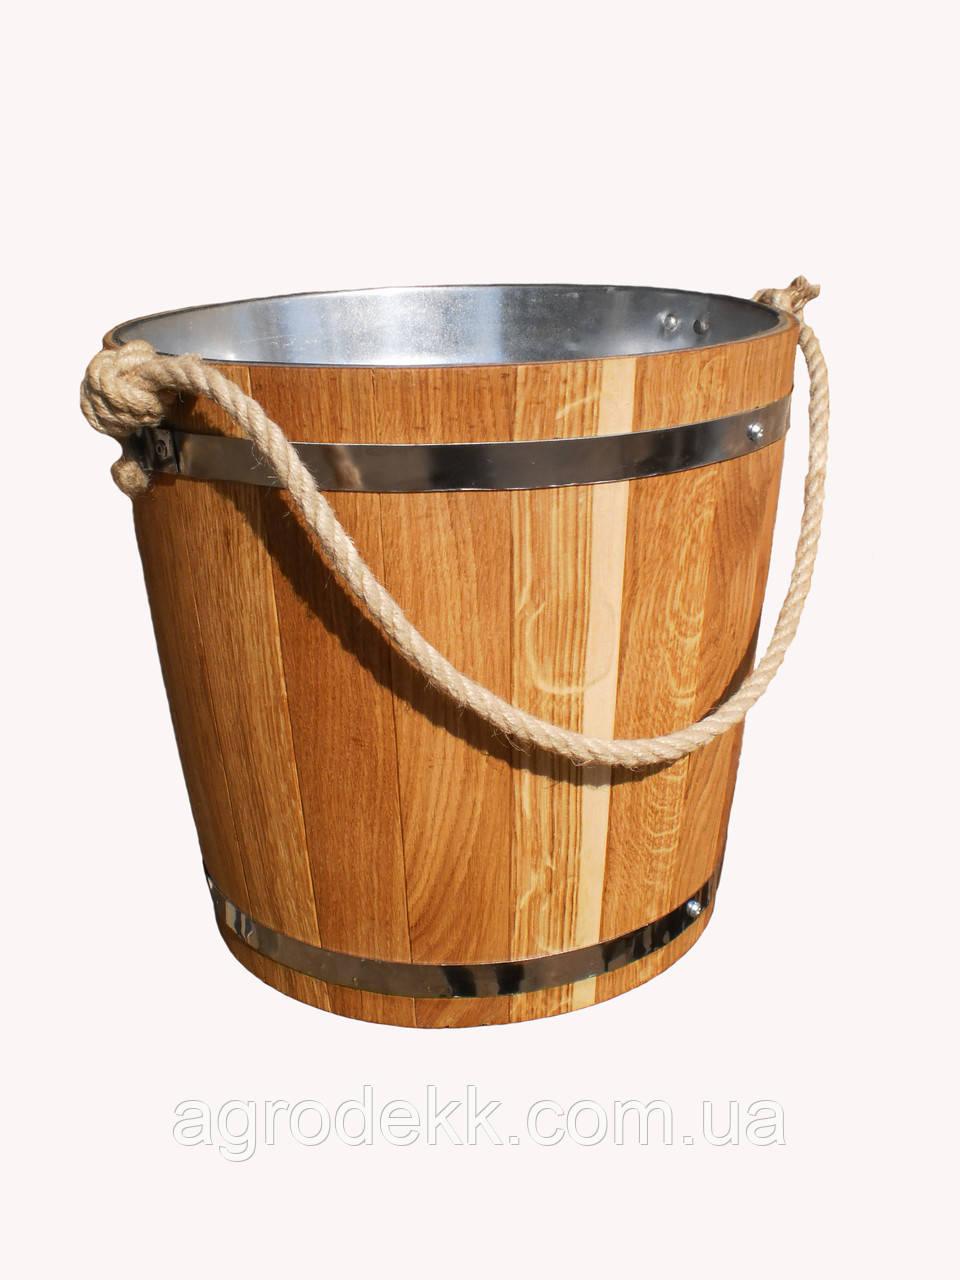 Ведро для бани 7 л. с металл. вставкой (эконом)